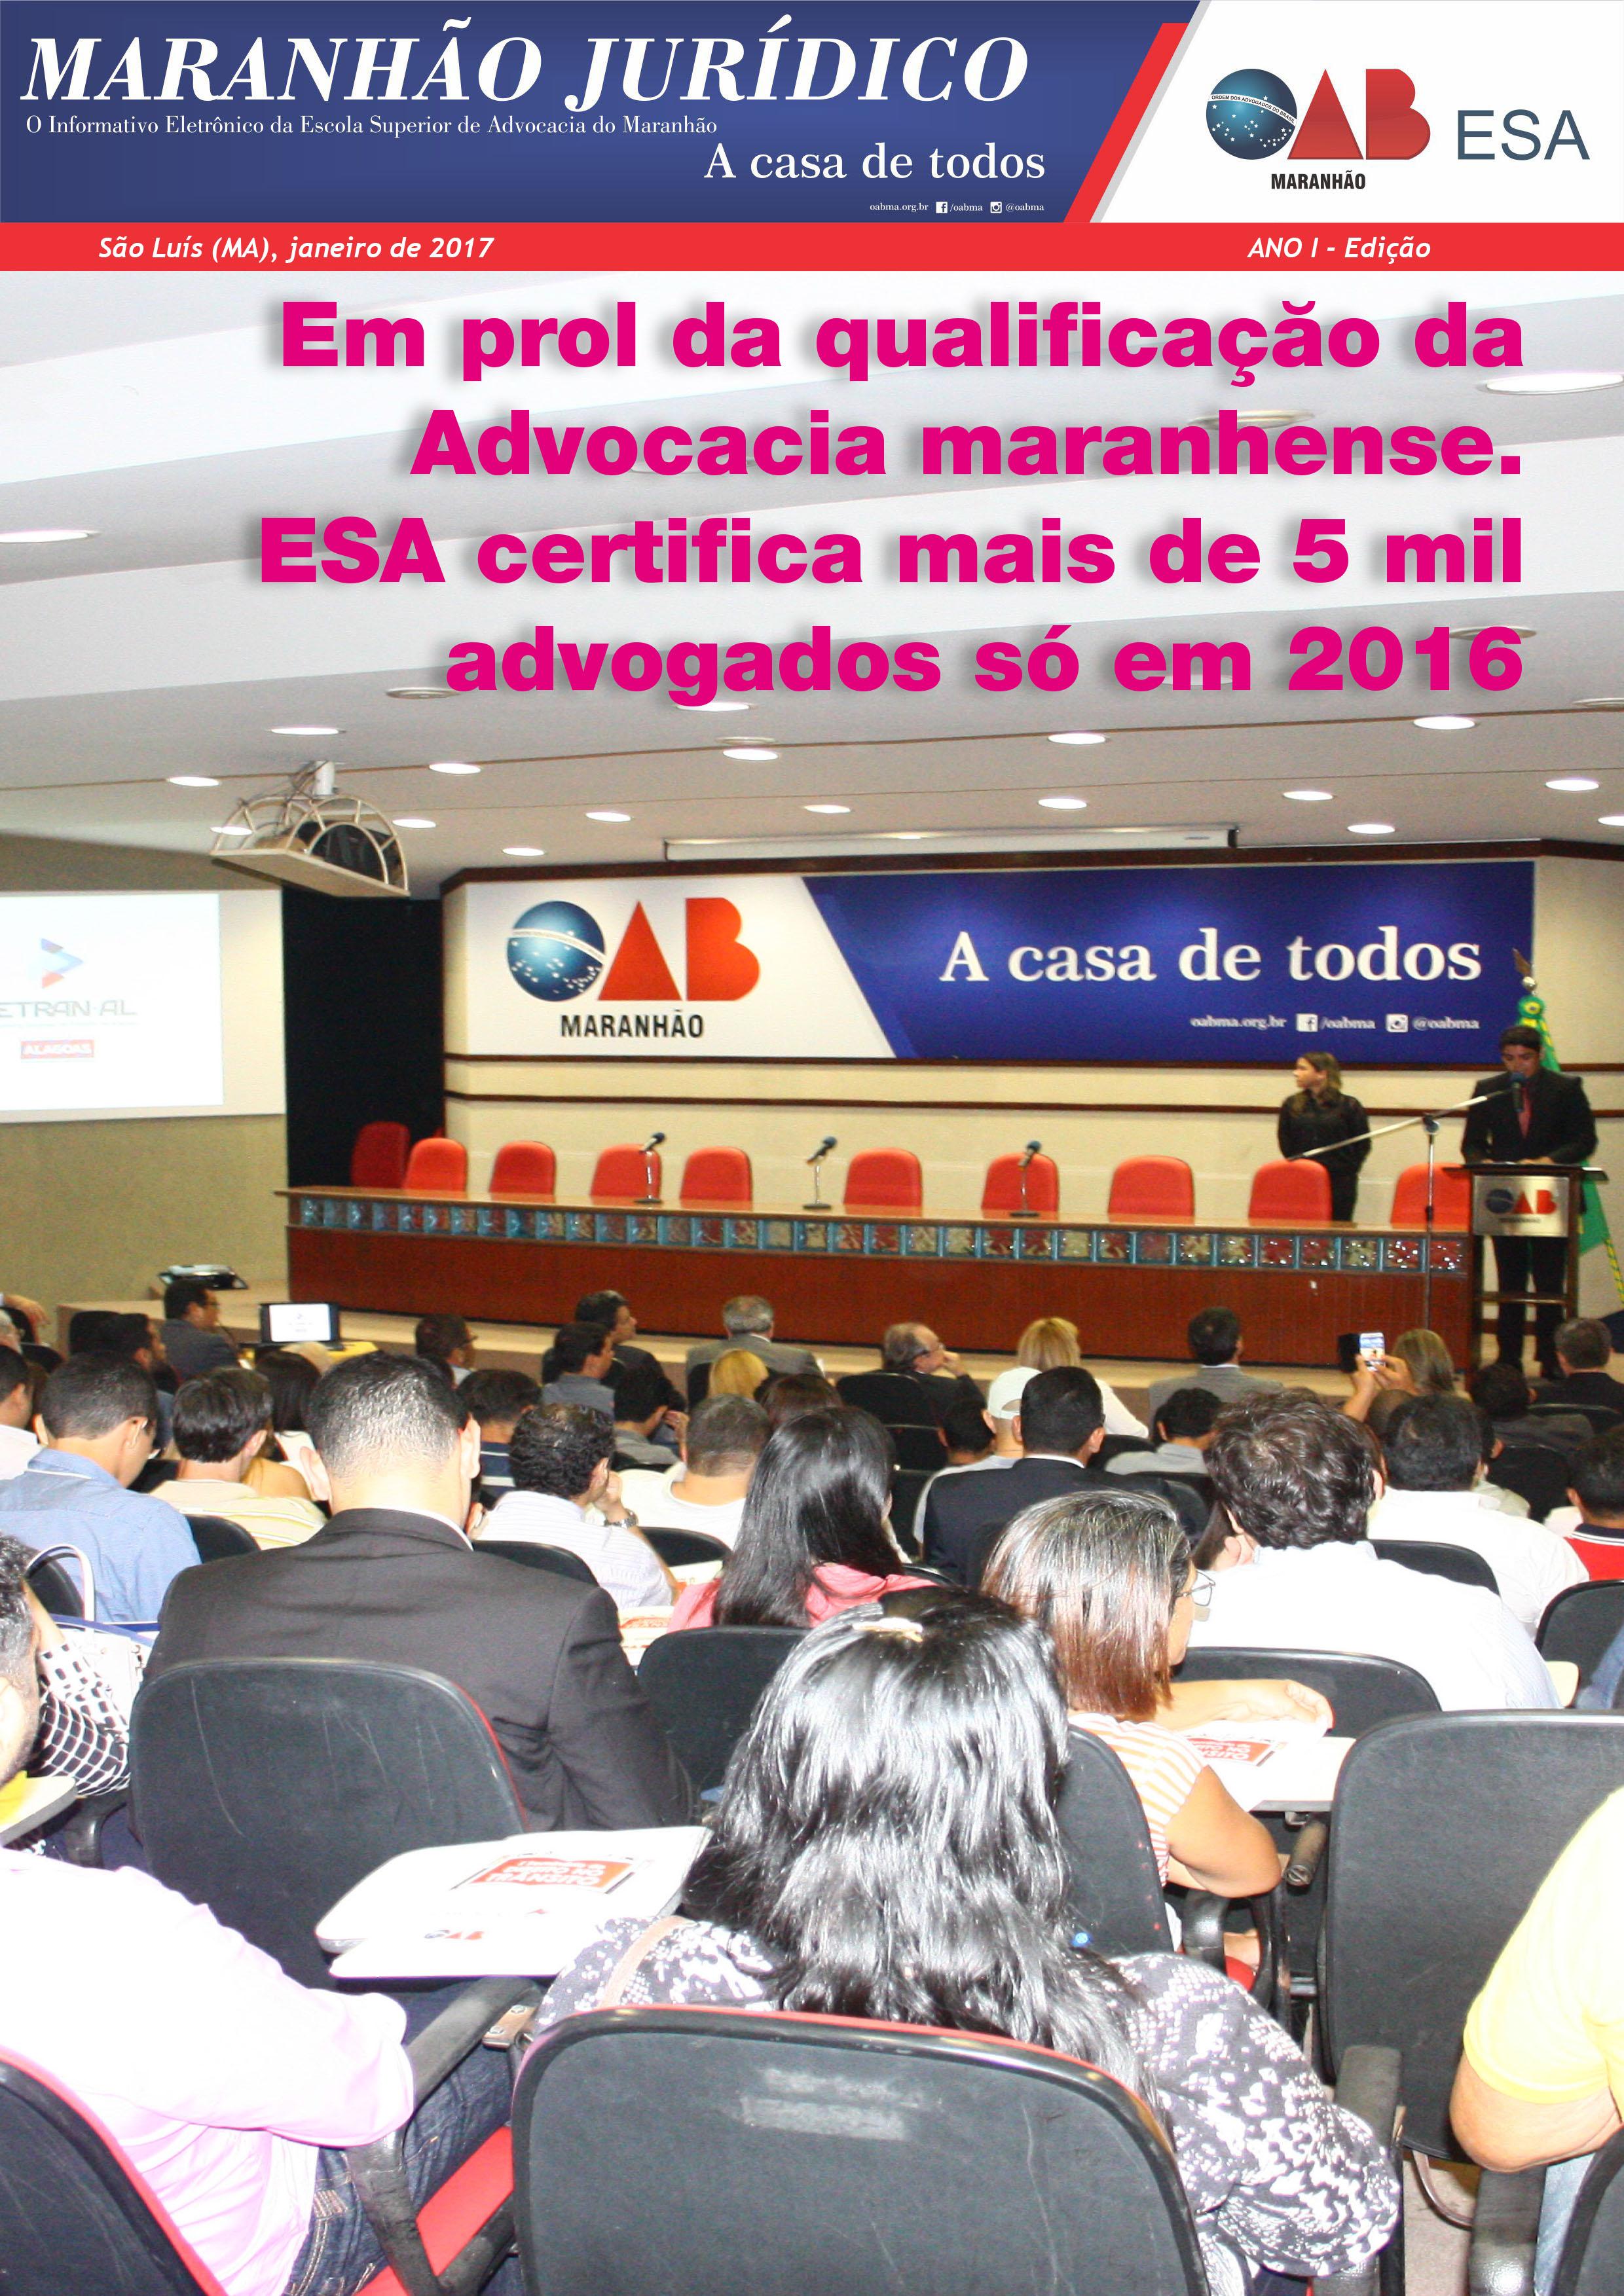 Informativo Maranhão Jurídico